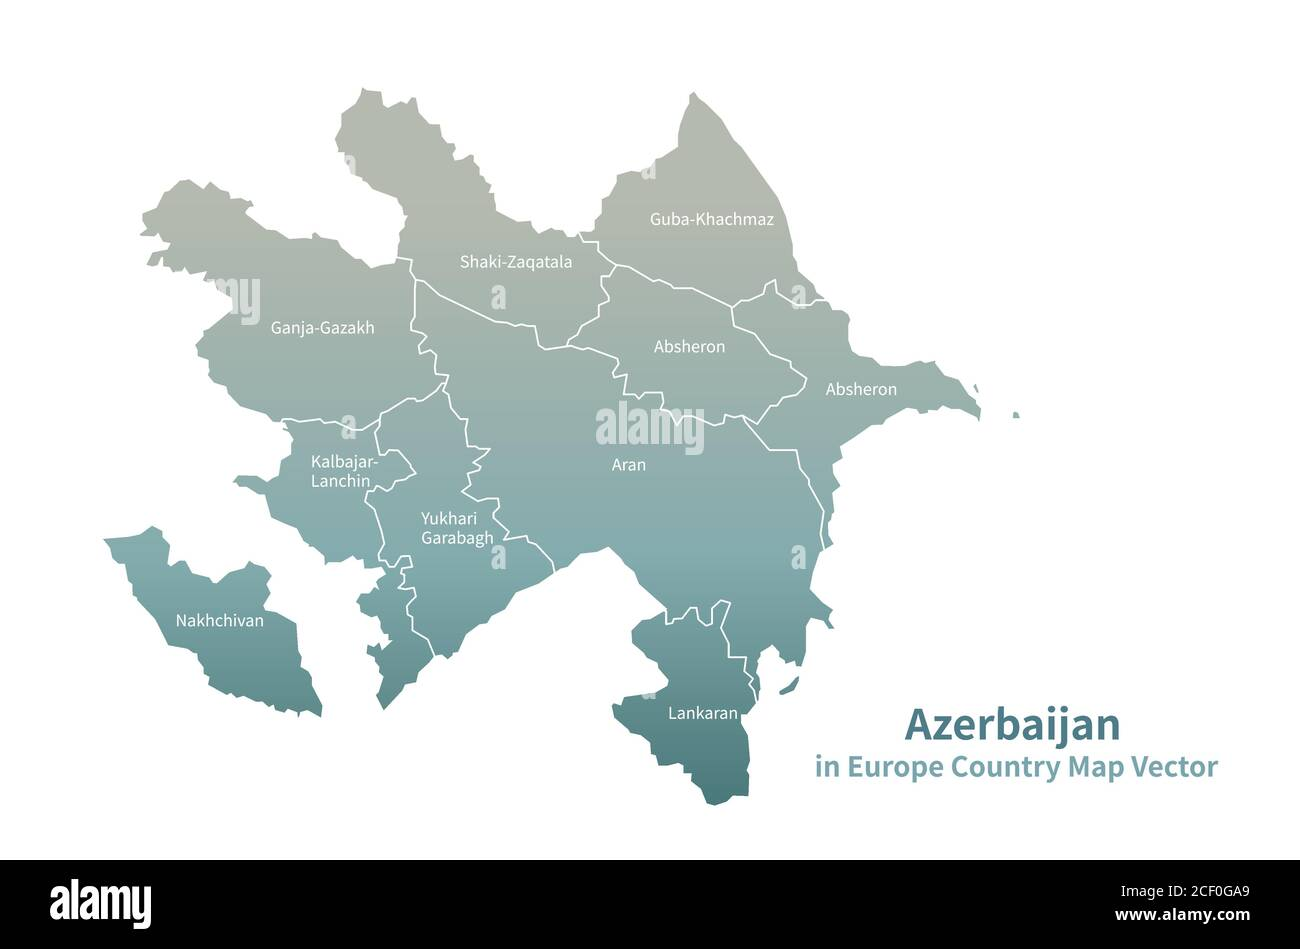 Azerbaijan Vector Map European Country Map Green Series Stock Vector Image Art Alamy